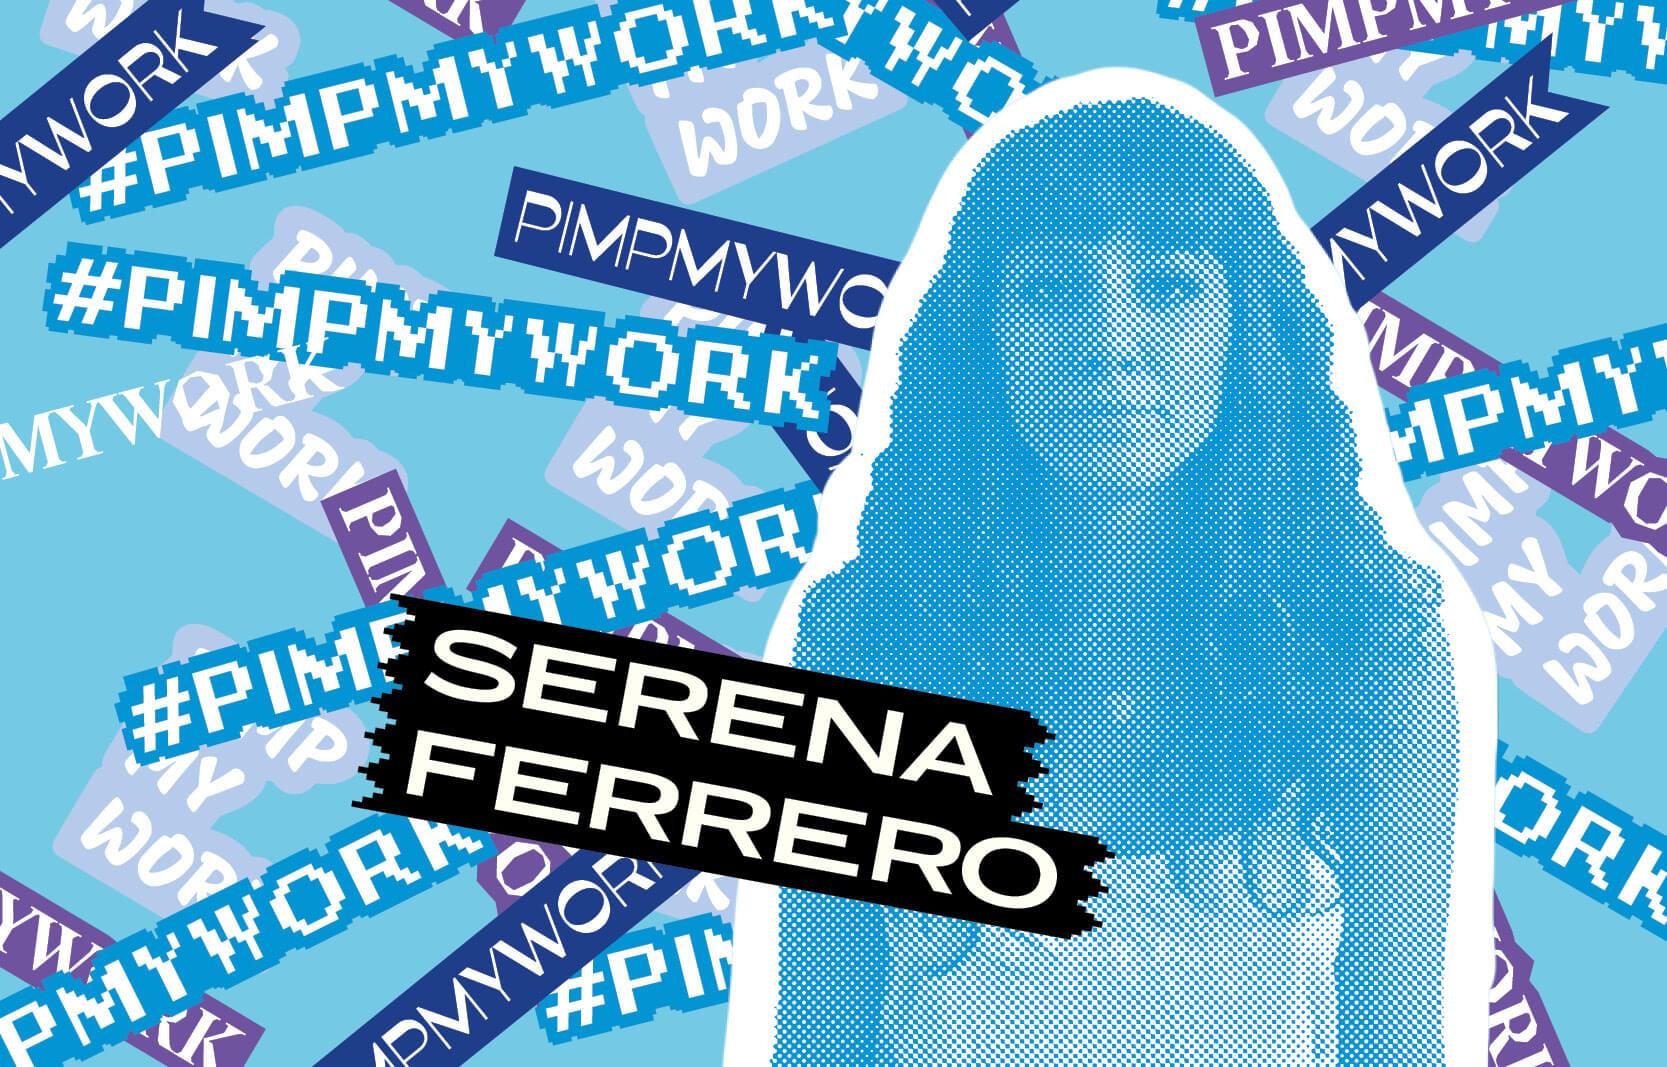 Serena Ferrero (Santamatita)